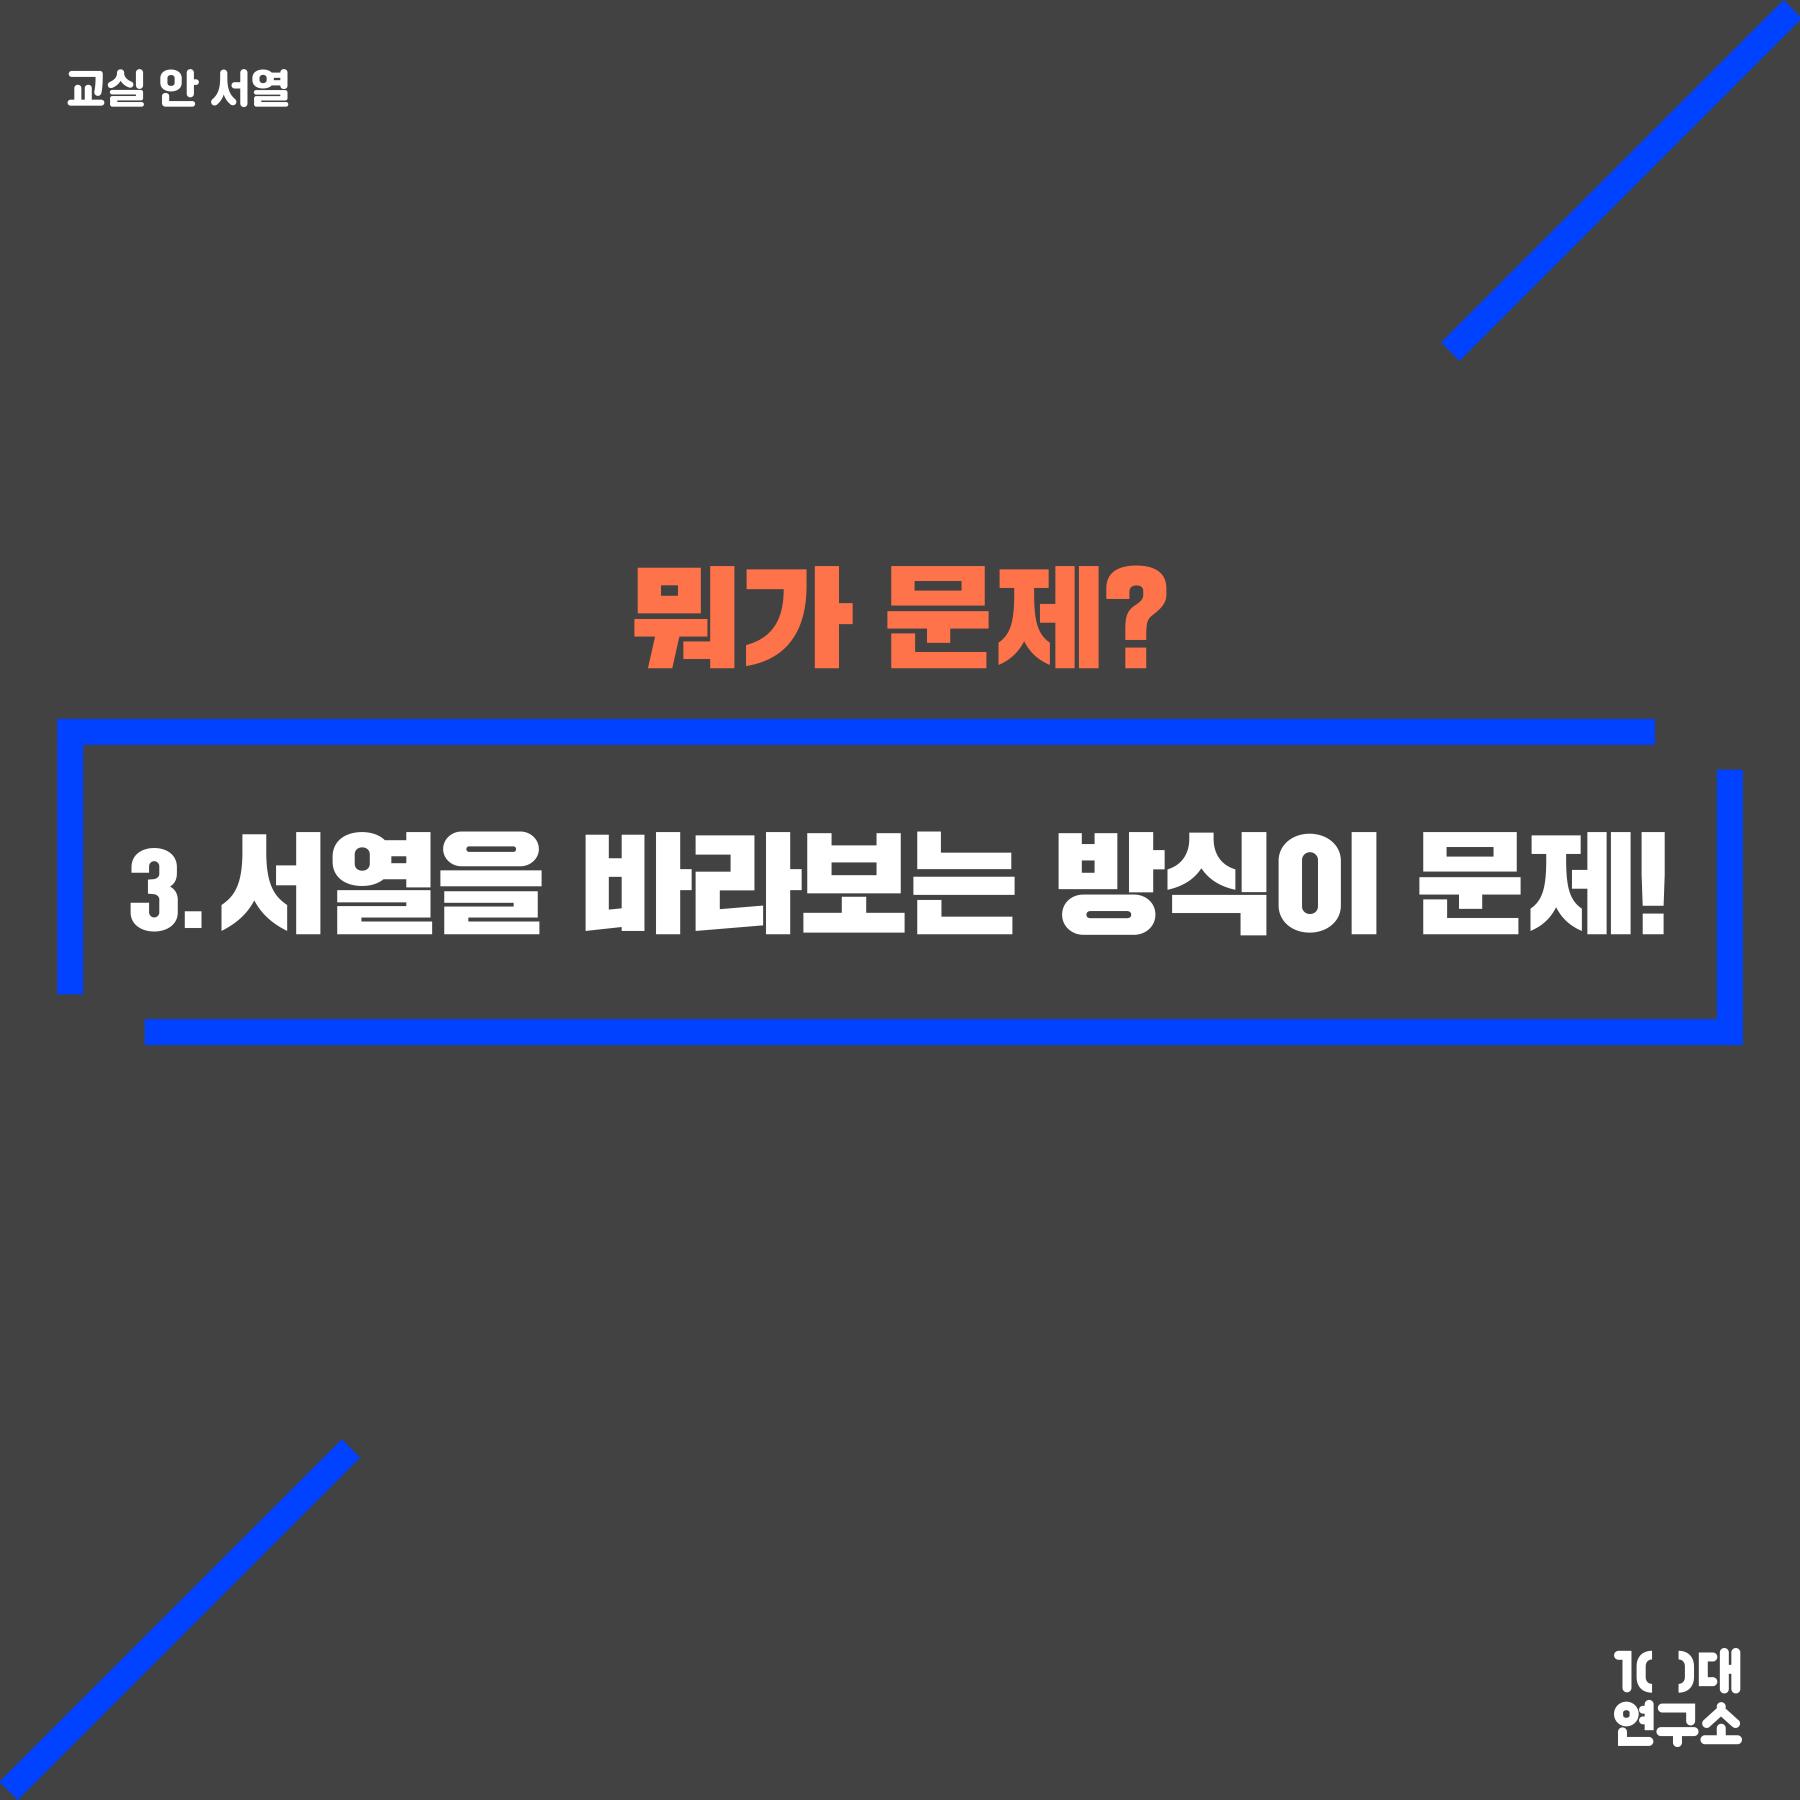 교실 안 서열_16.png